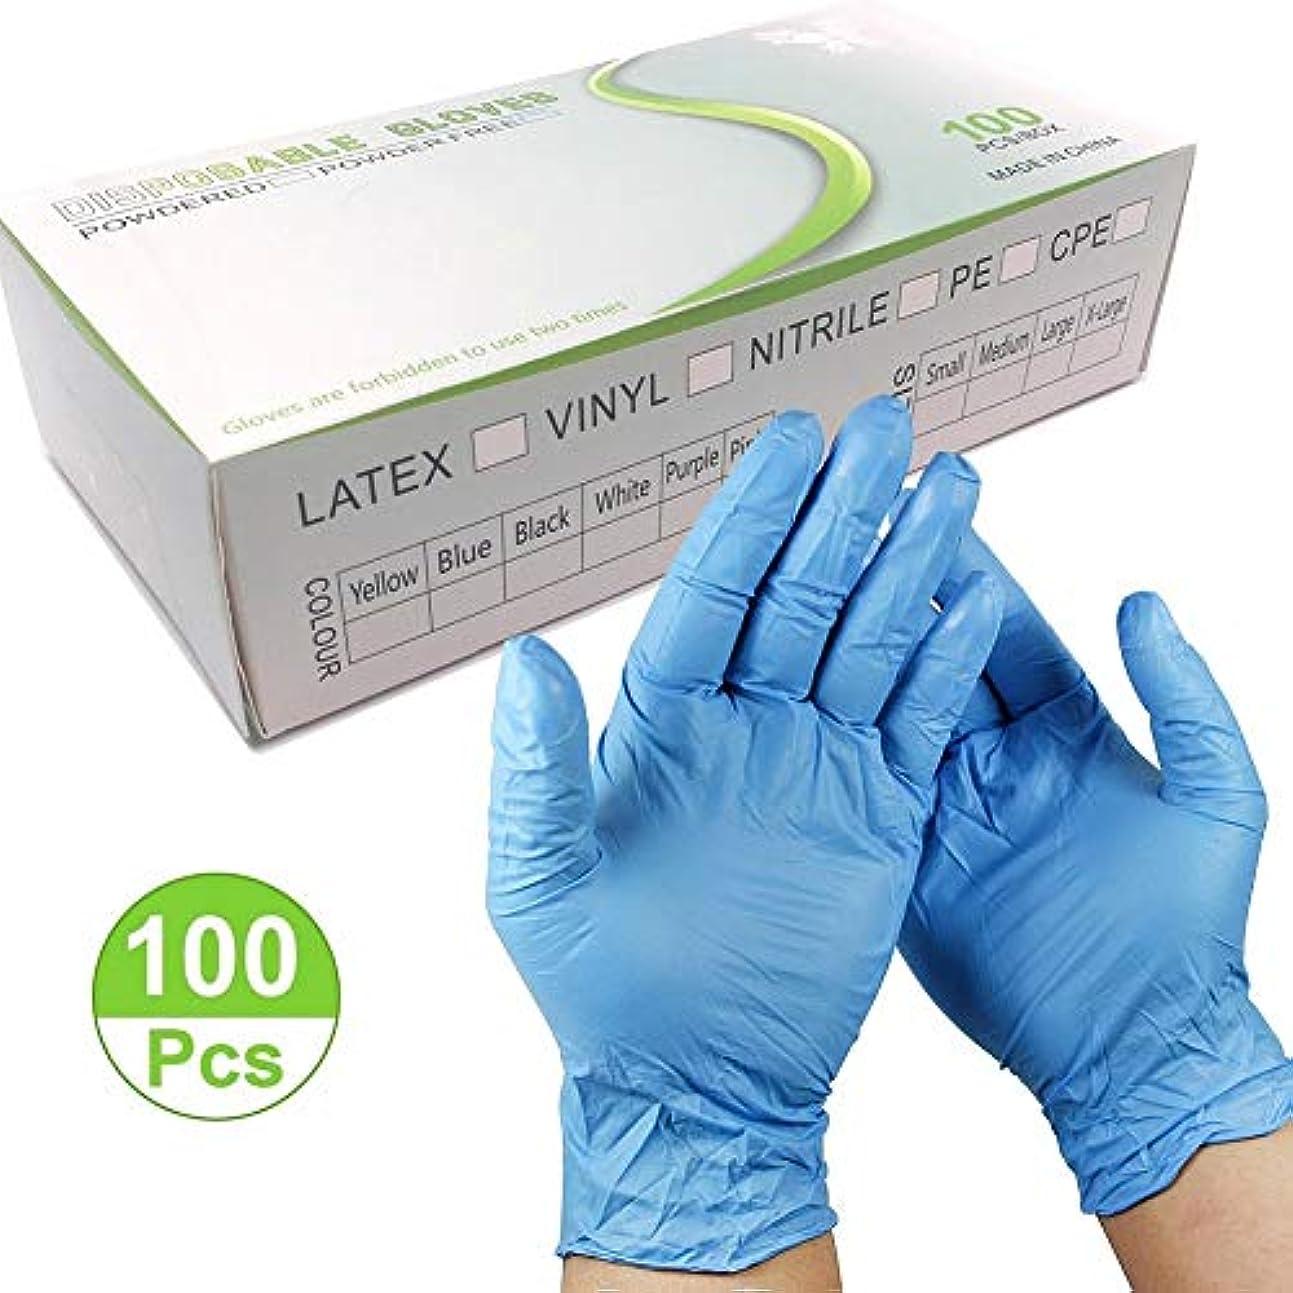 爪弁護俳優子供用 ニトリル手袋 使い捨て手袋 子供用 皮膚アレルギーや刺激を防ぎます クラフト、塗装、ガーデニング、料理、クリーニング (100枚、ブルー)